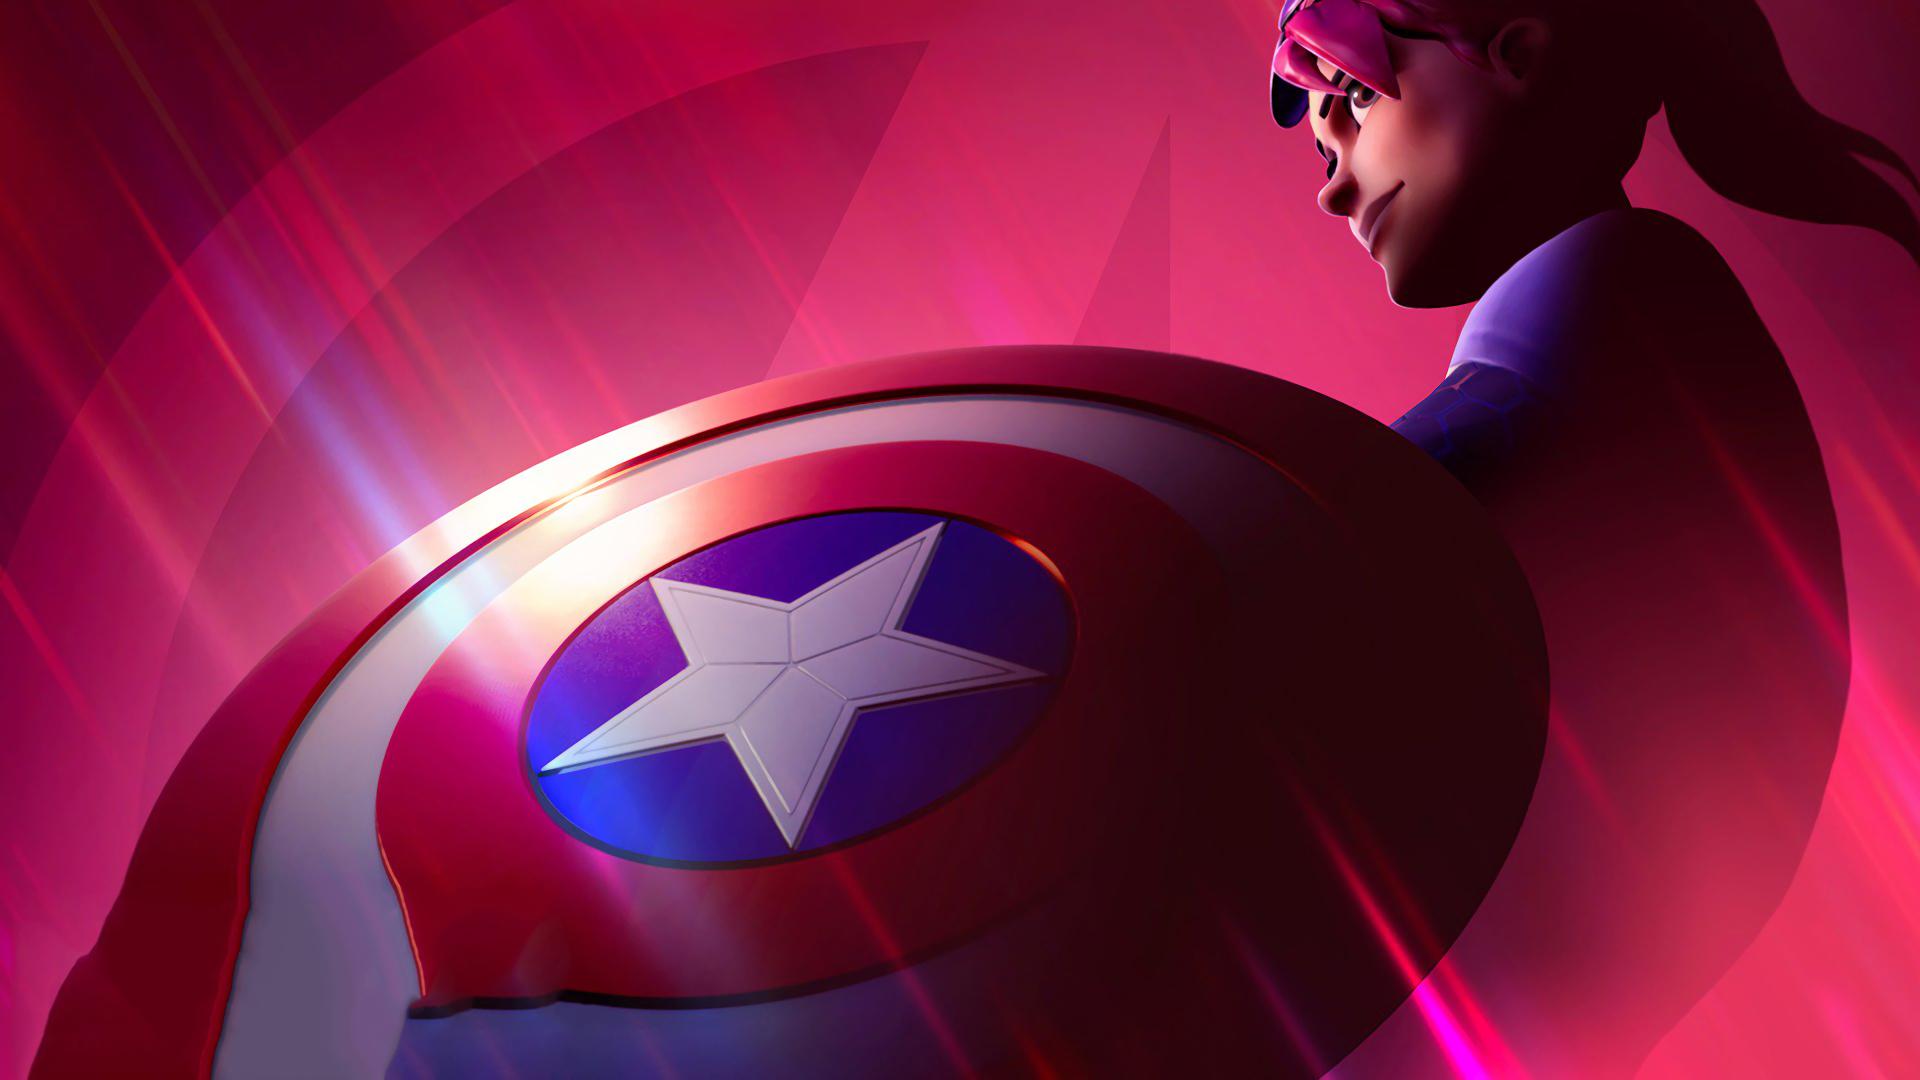 1920x1080 Captain America Fortnite Avengers 1080p Laptop